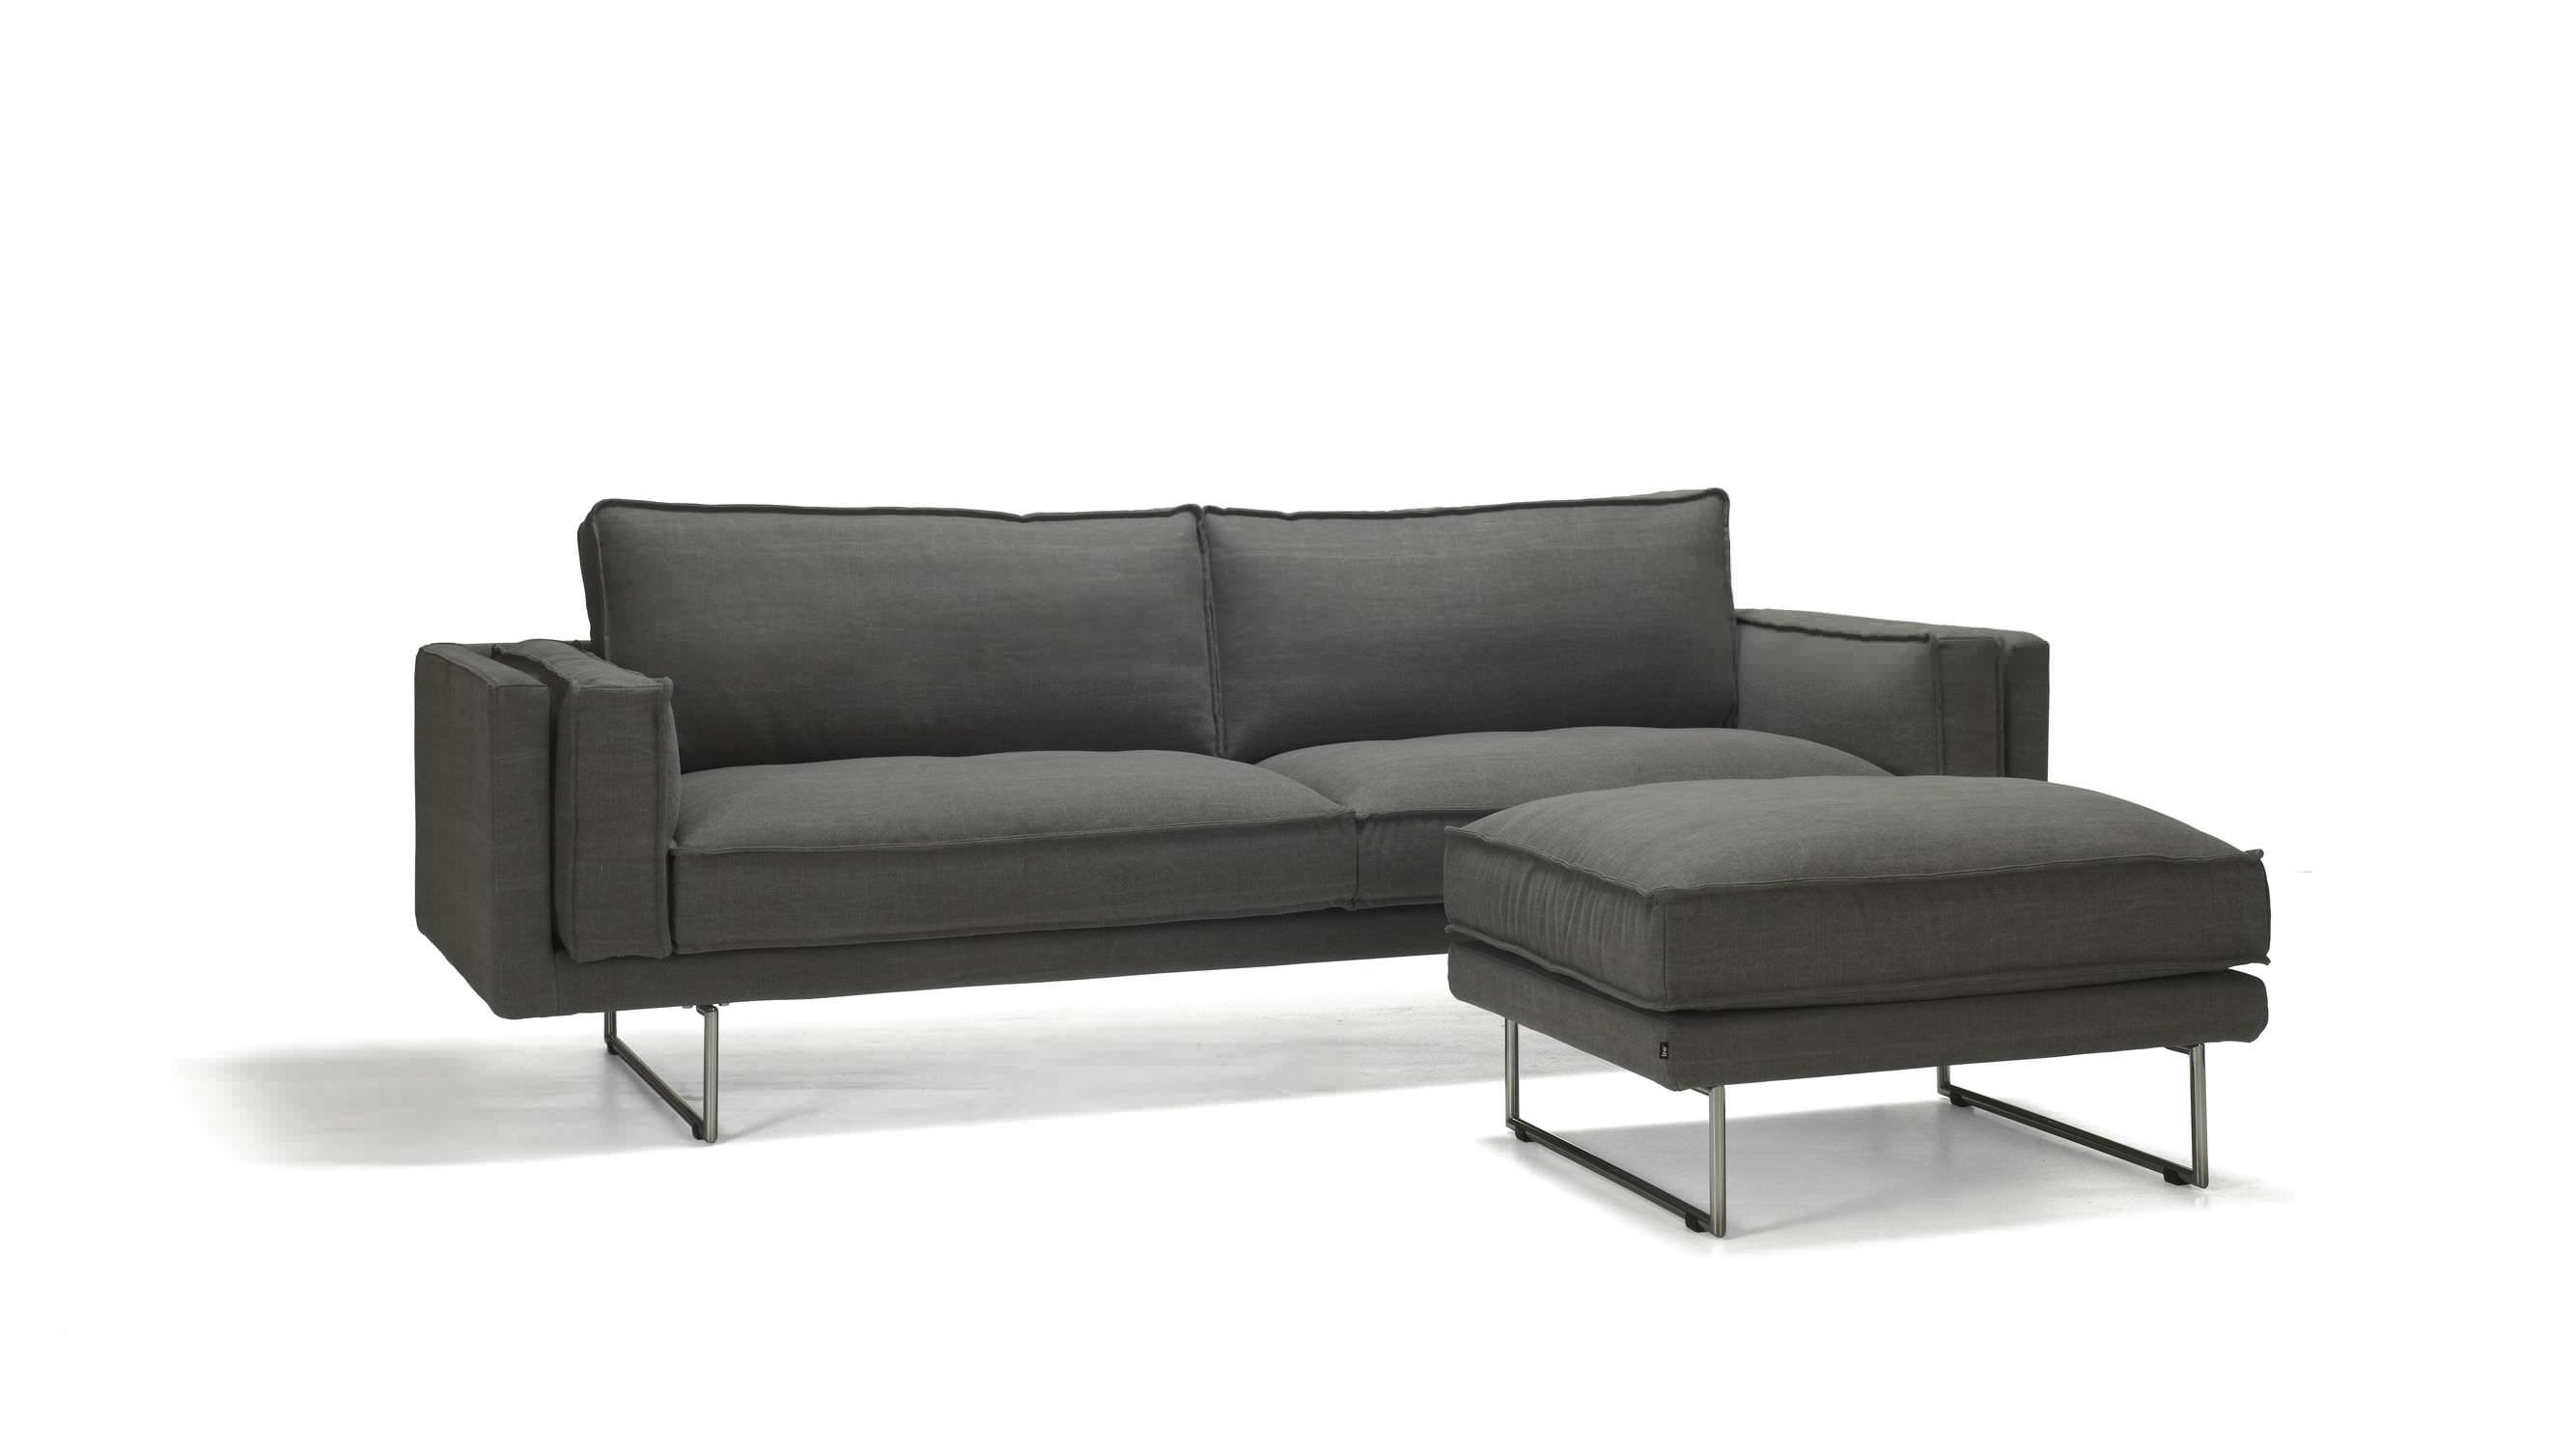 Canapé contemporain / en tissu / 3 places / avec repose-pieds ...